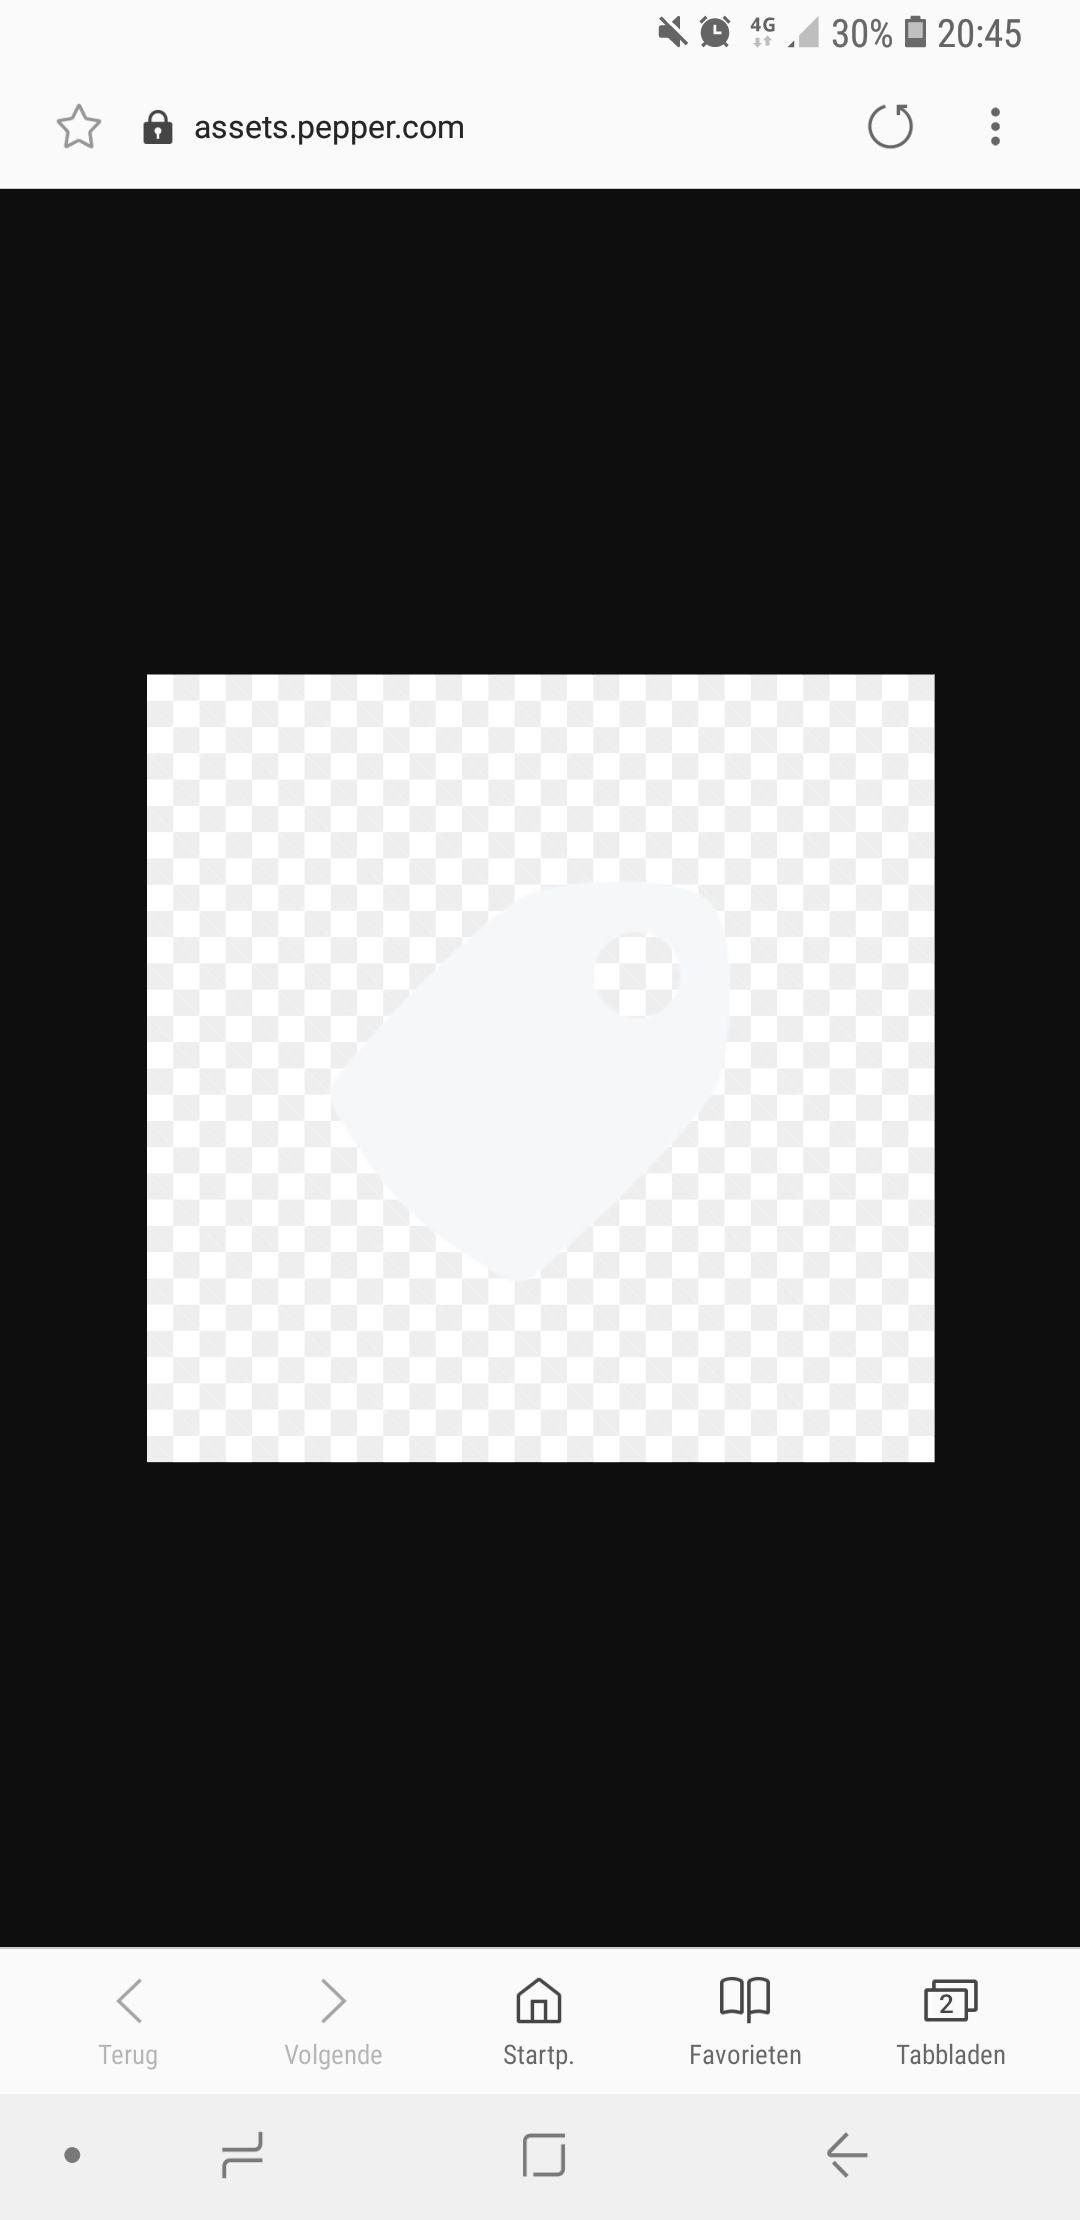 383621-et6fo.jpg